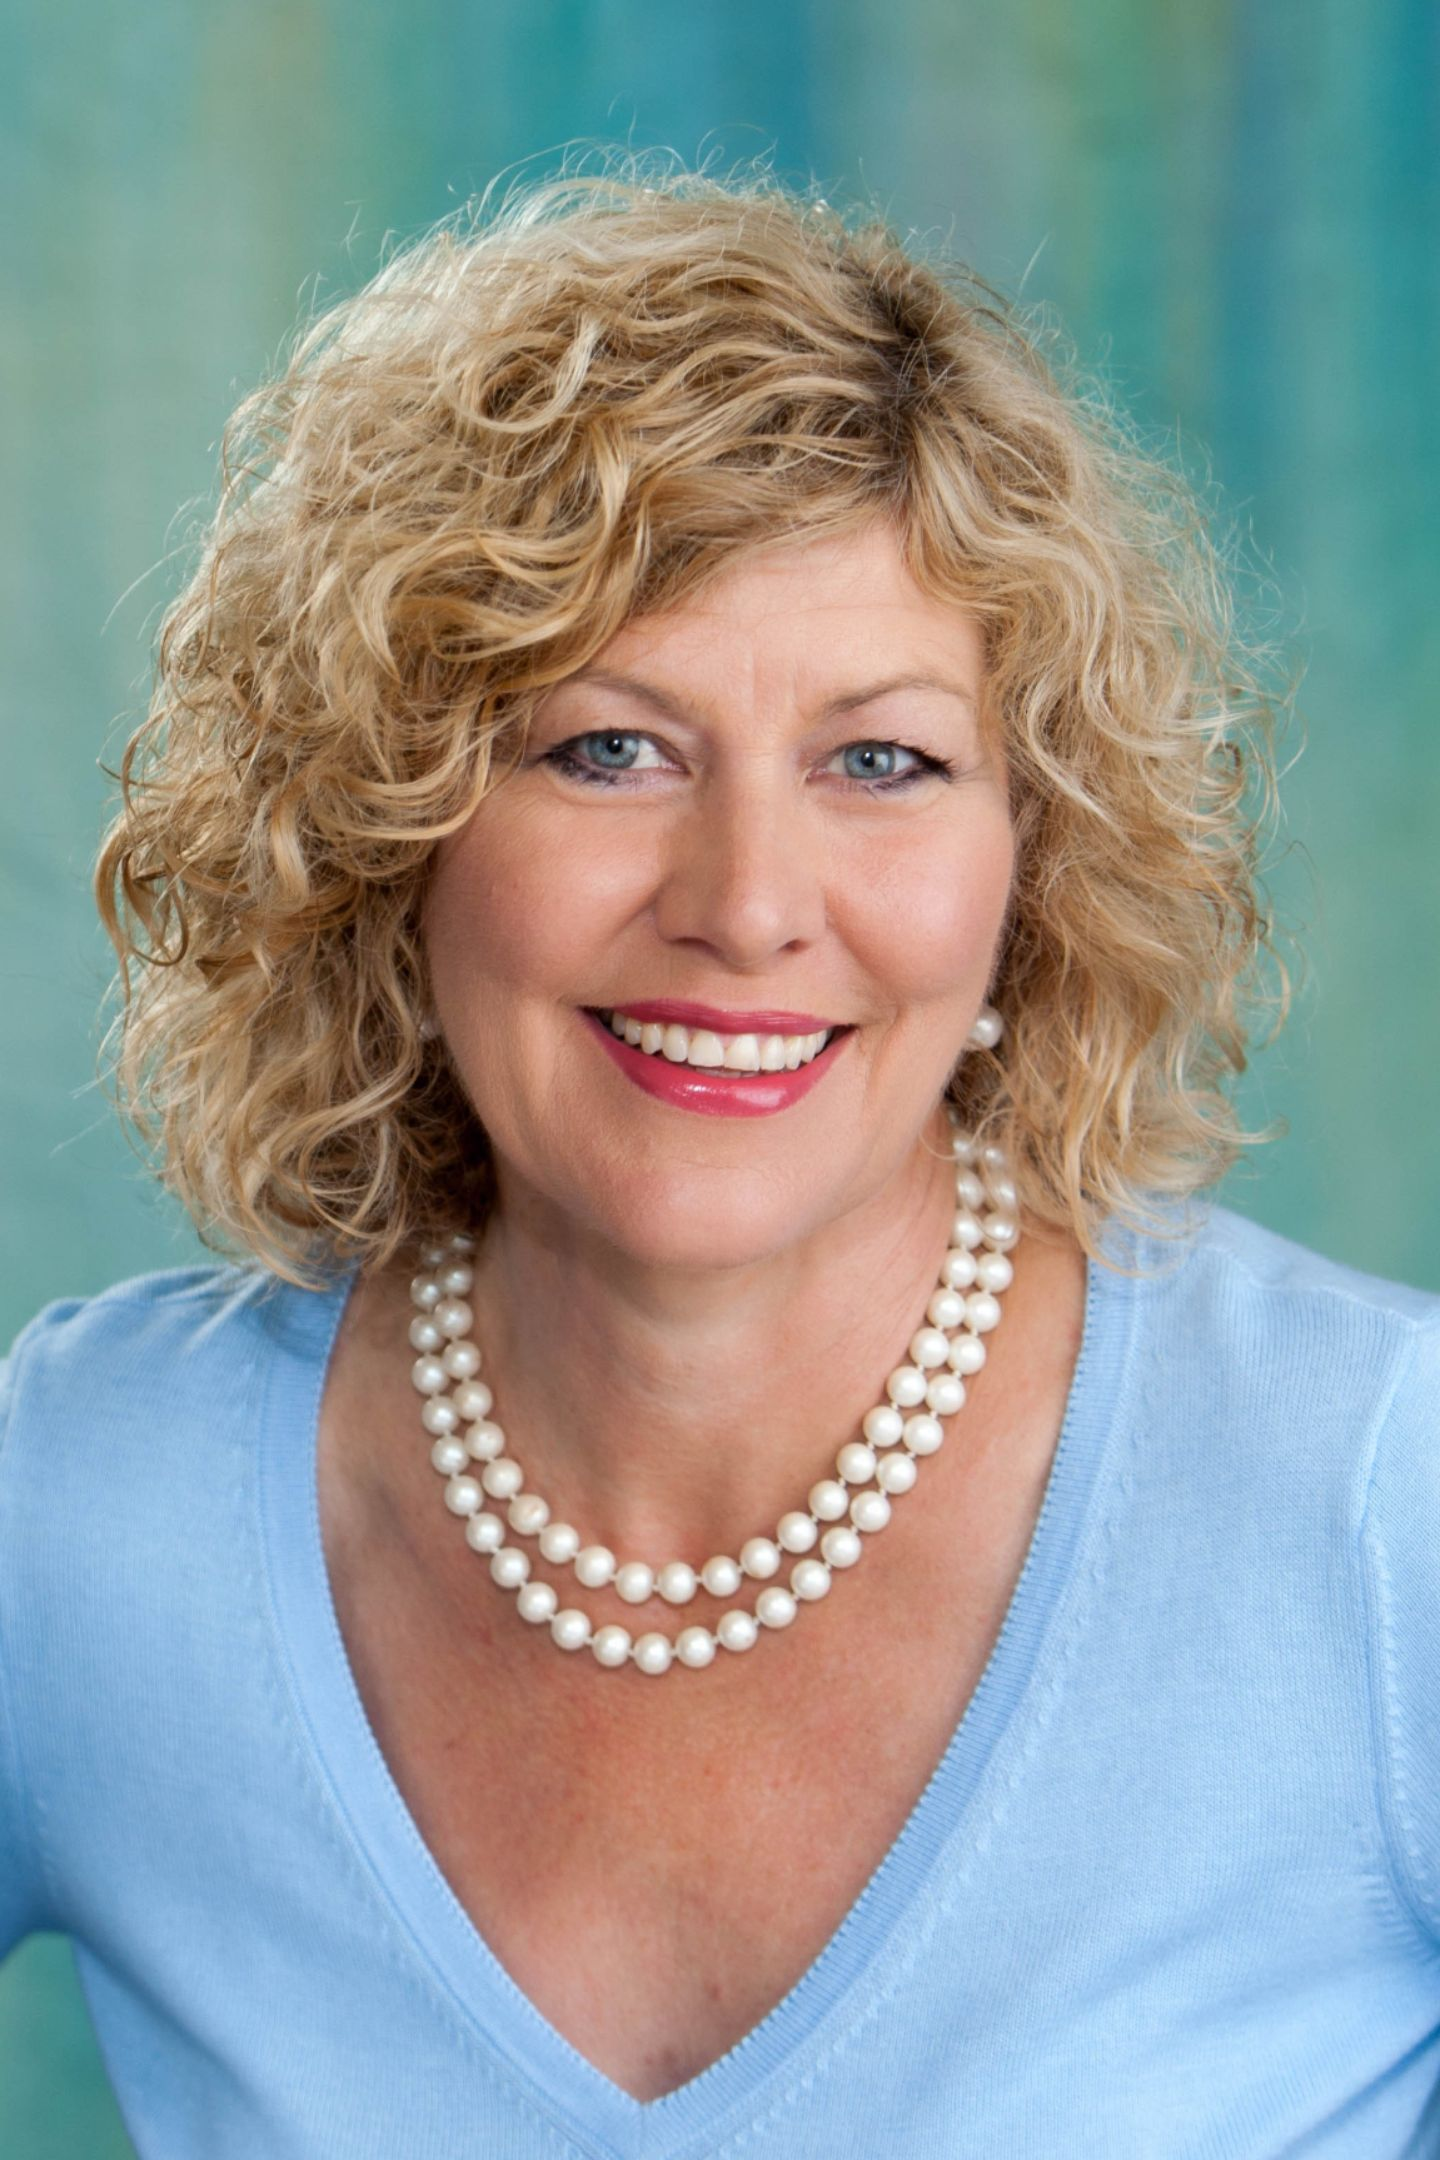 Tracy Reddell